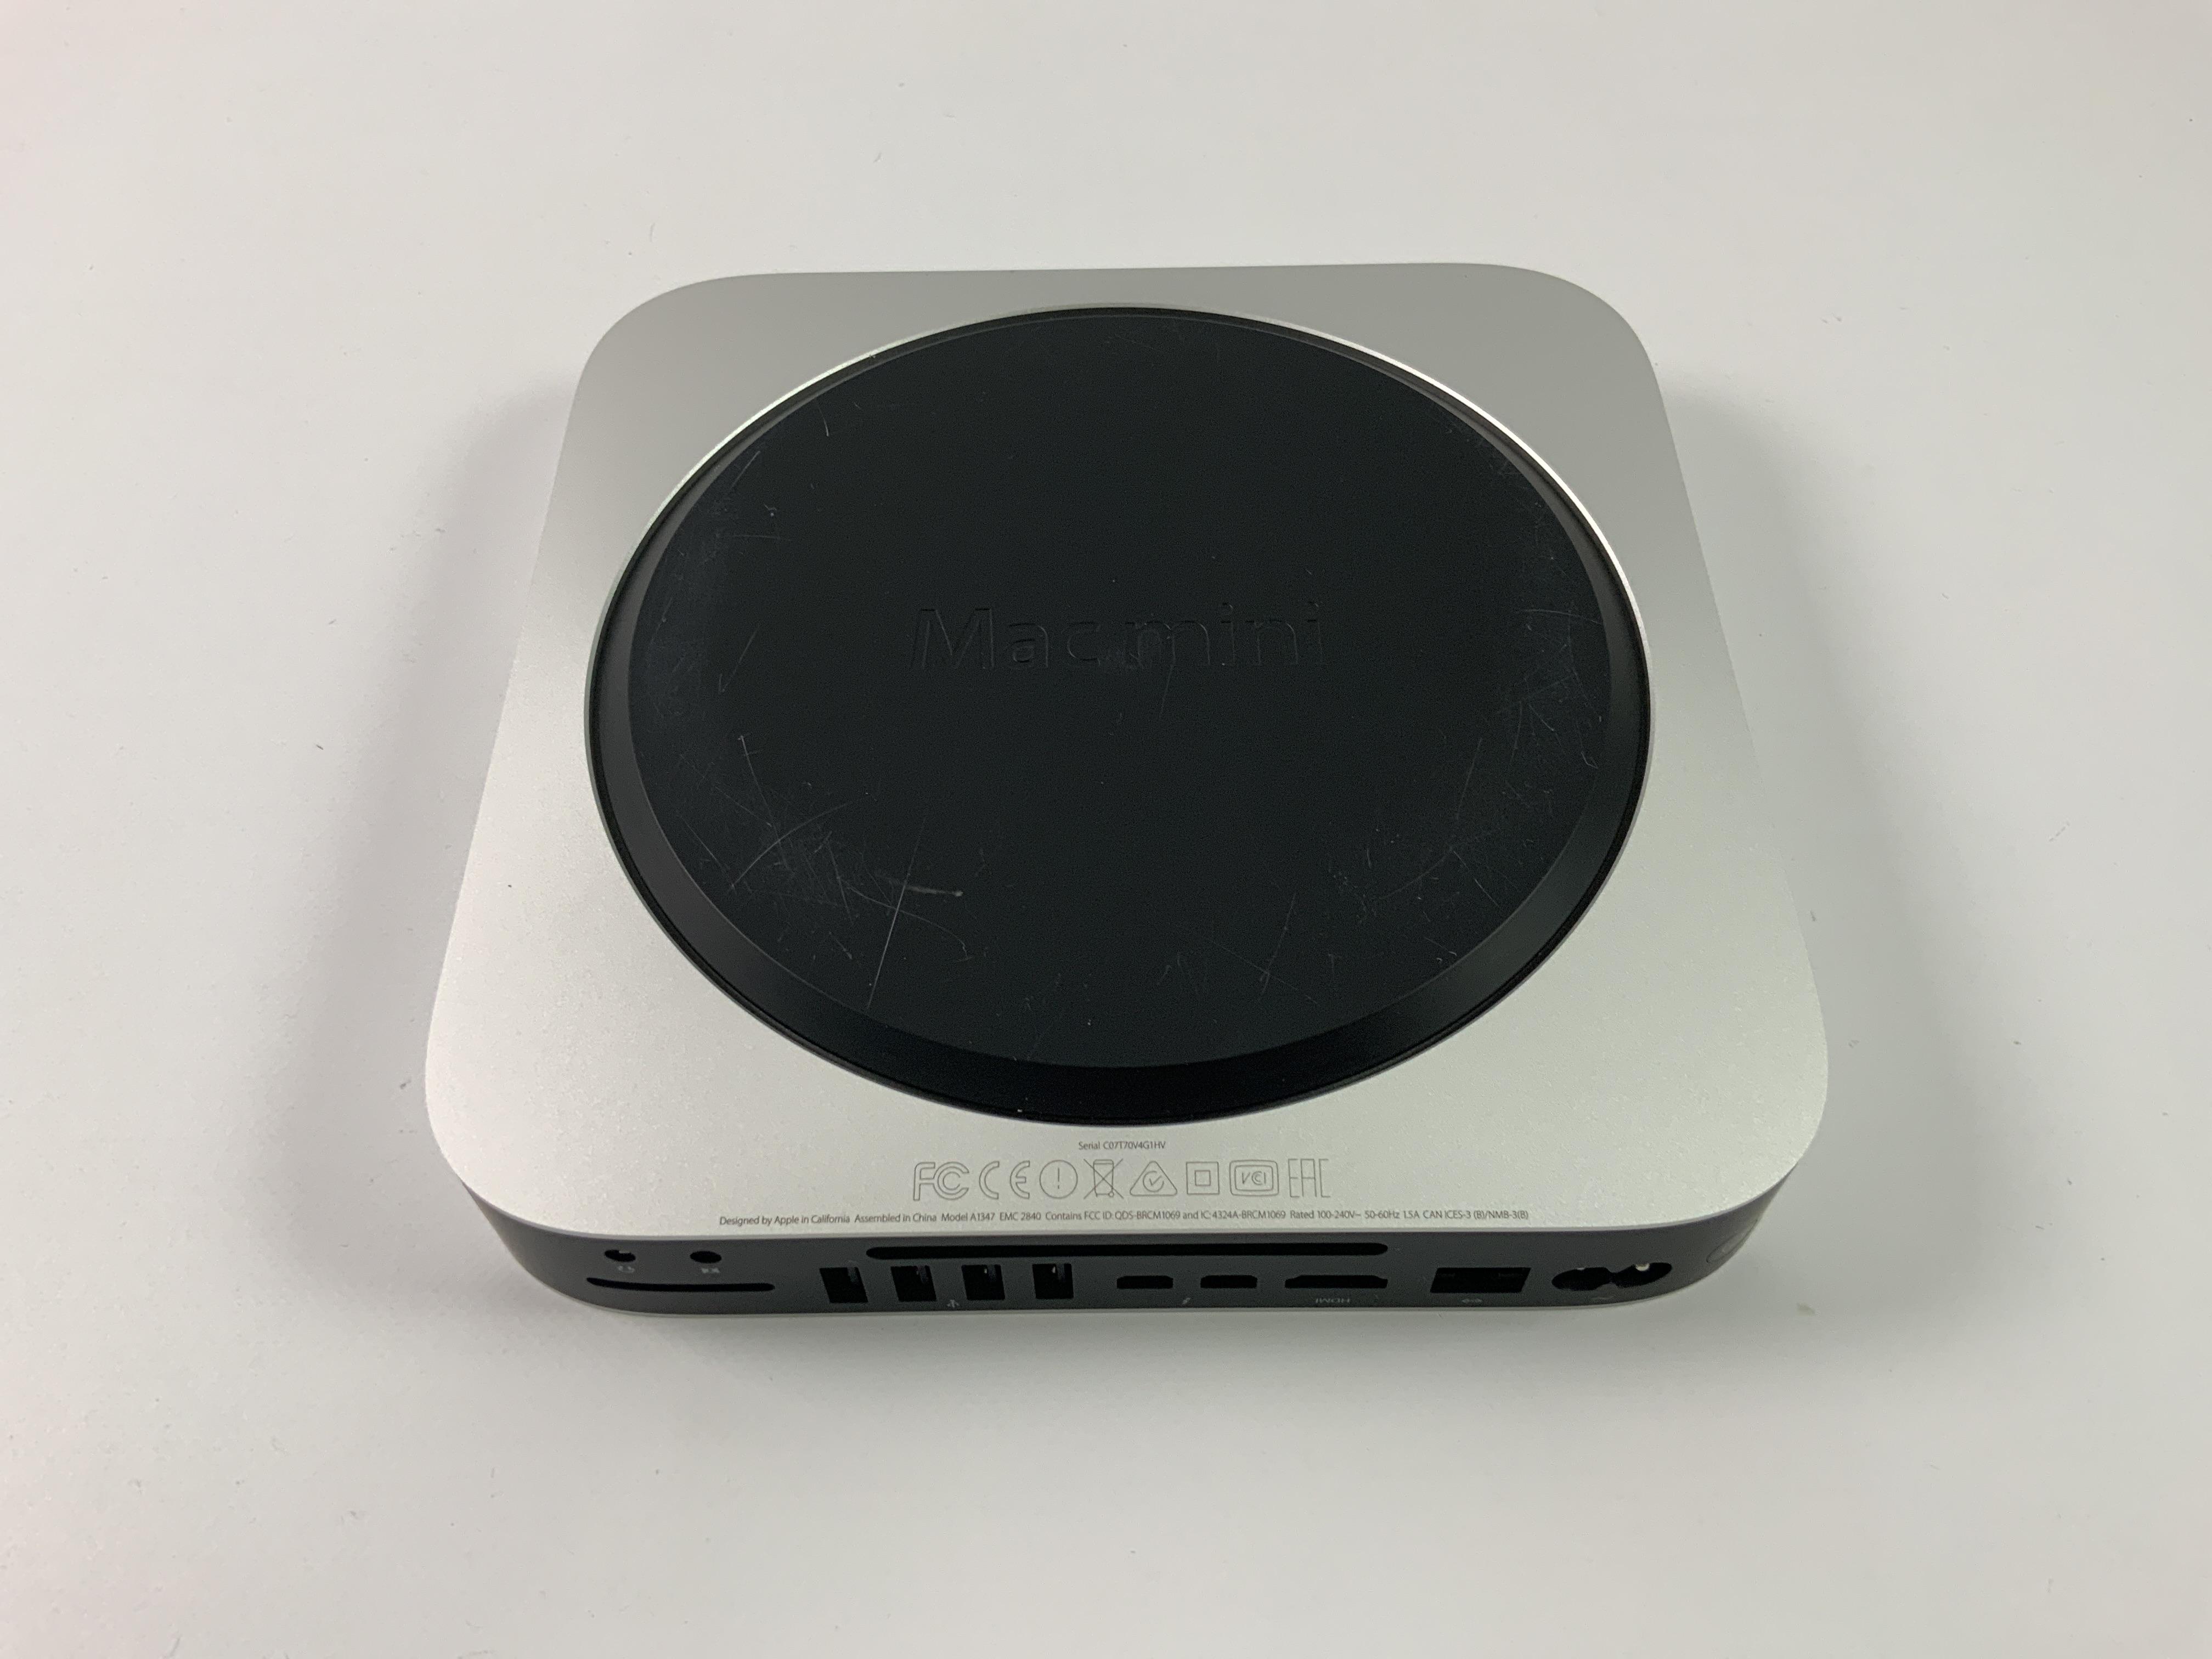 Mac Mini Late 2014 (Intel Core i5 1.4 GHz 4 GB RAM 500 GB HDD), Intel Core i5 1.4 GHz, 4 GB RAM, 500 GB HDD, Afbeelding 2